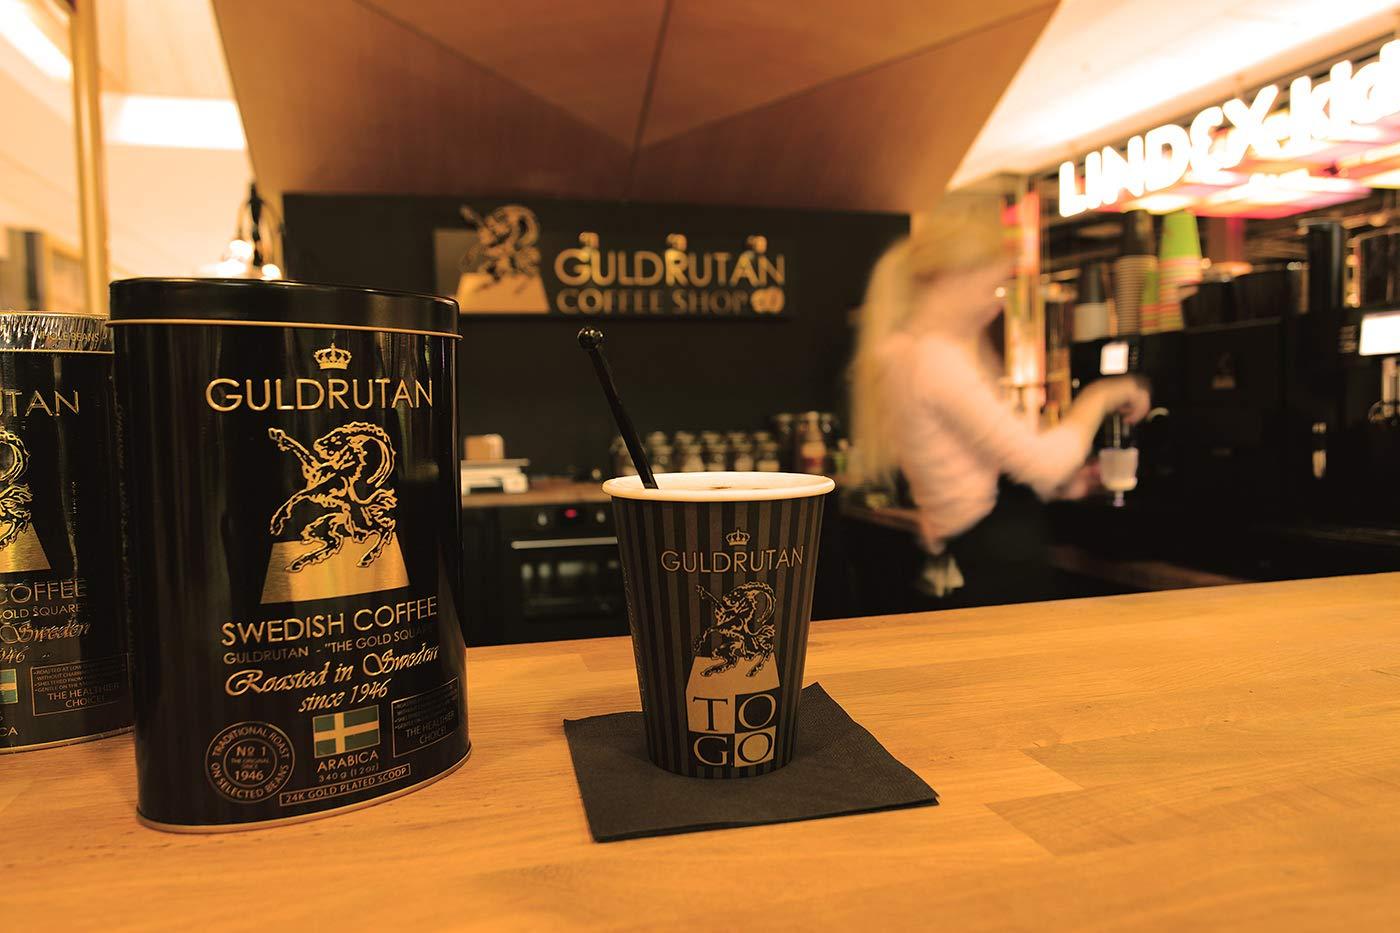 GULDRUTAN-Medium-Roast-Ground-Arabica-Coffee